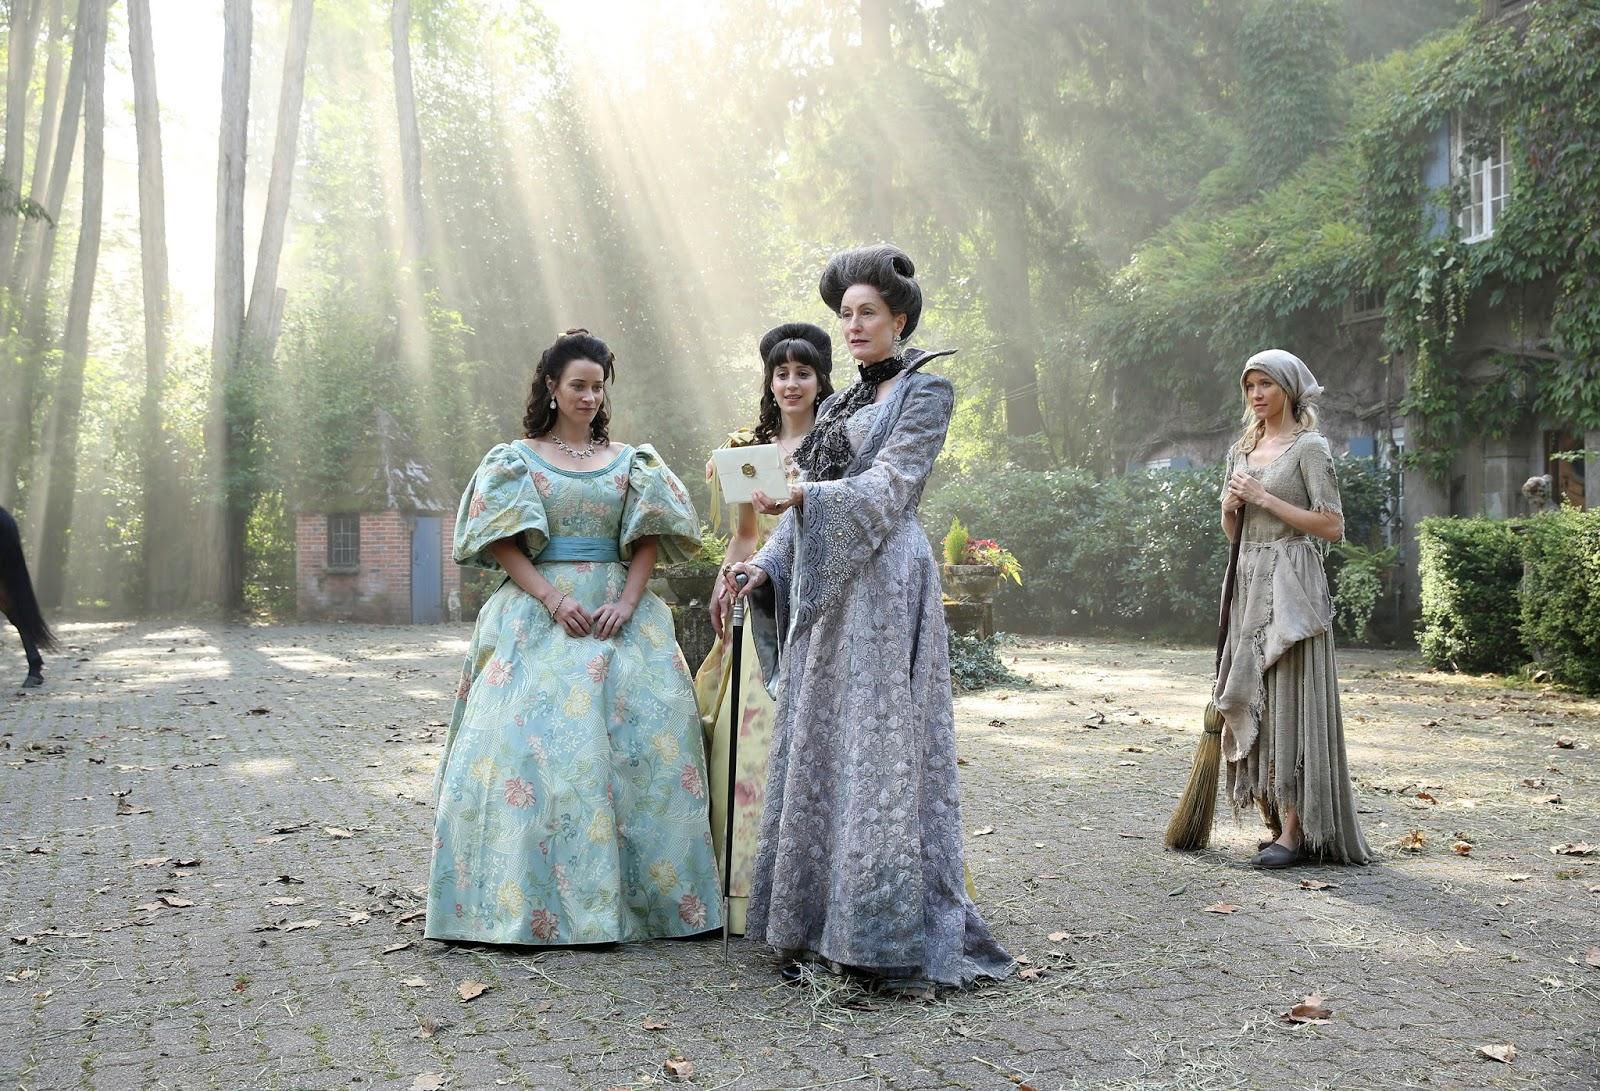 Crítica OUAT 6x03. Las Tremaine reciben la invitación al baile real y Cenicienta quiere asistir